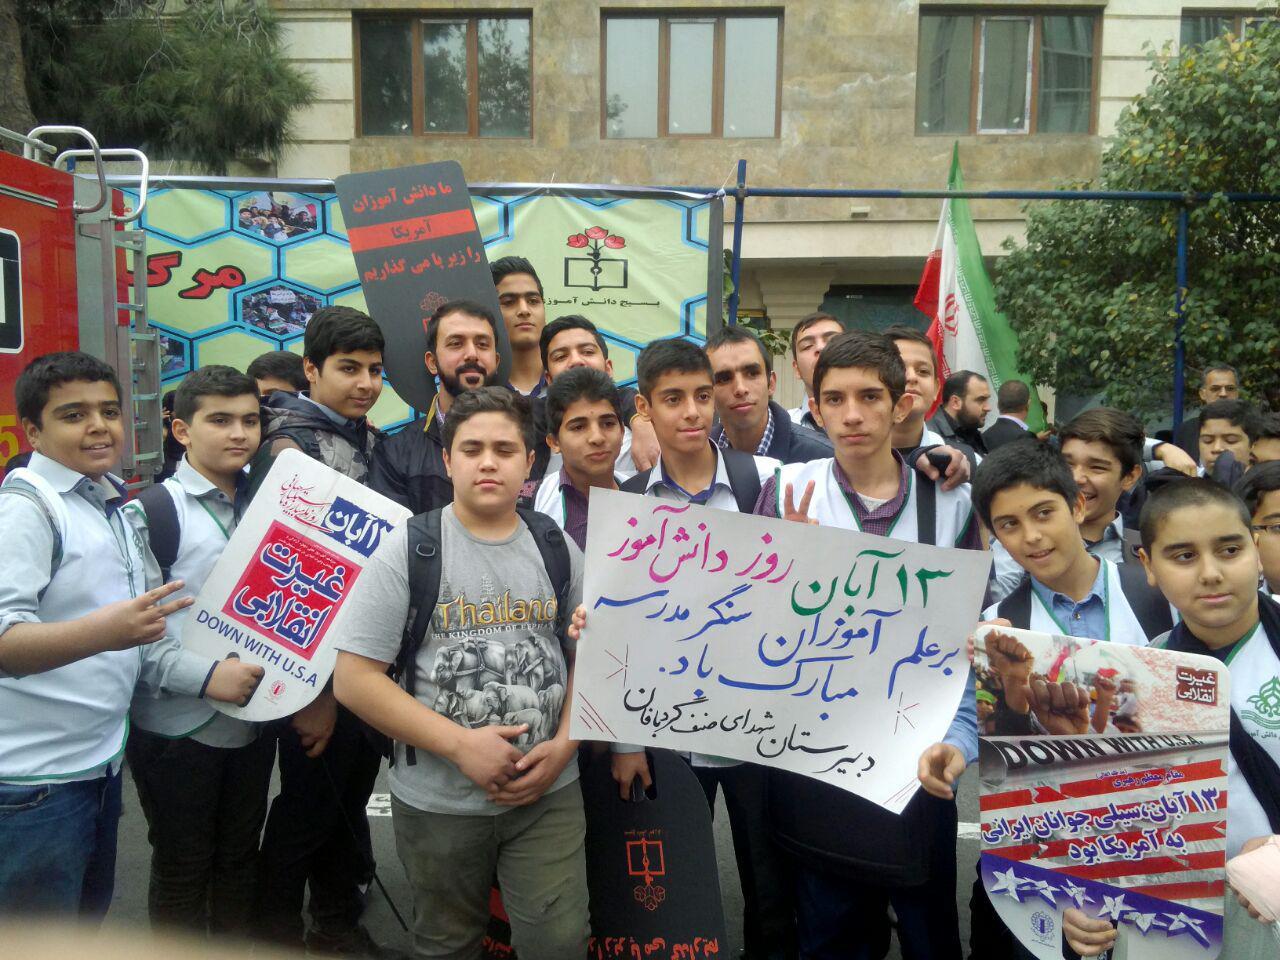 دانش آموزان دبیرستان شهدای صنف گردبافان در مراسم راهپیمایی ۱۳ آبان ۹۶ شرکت کردند.